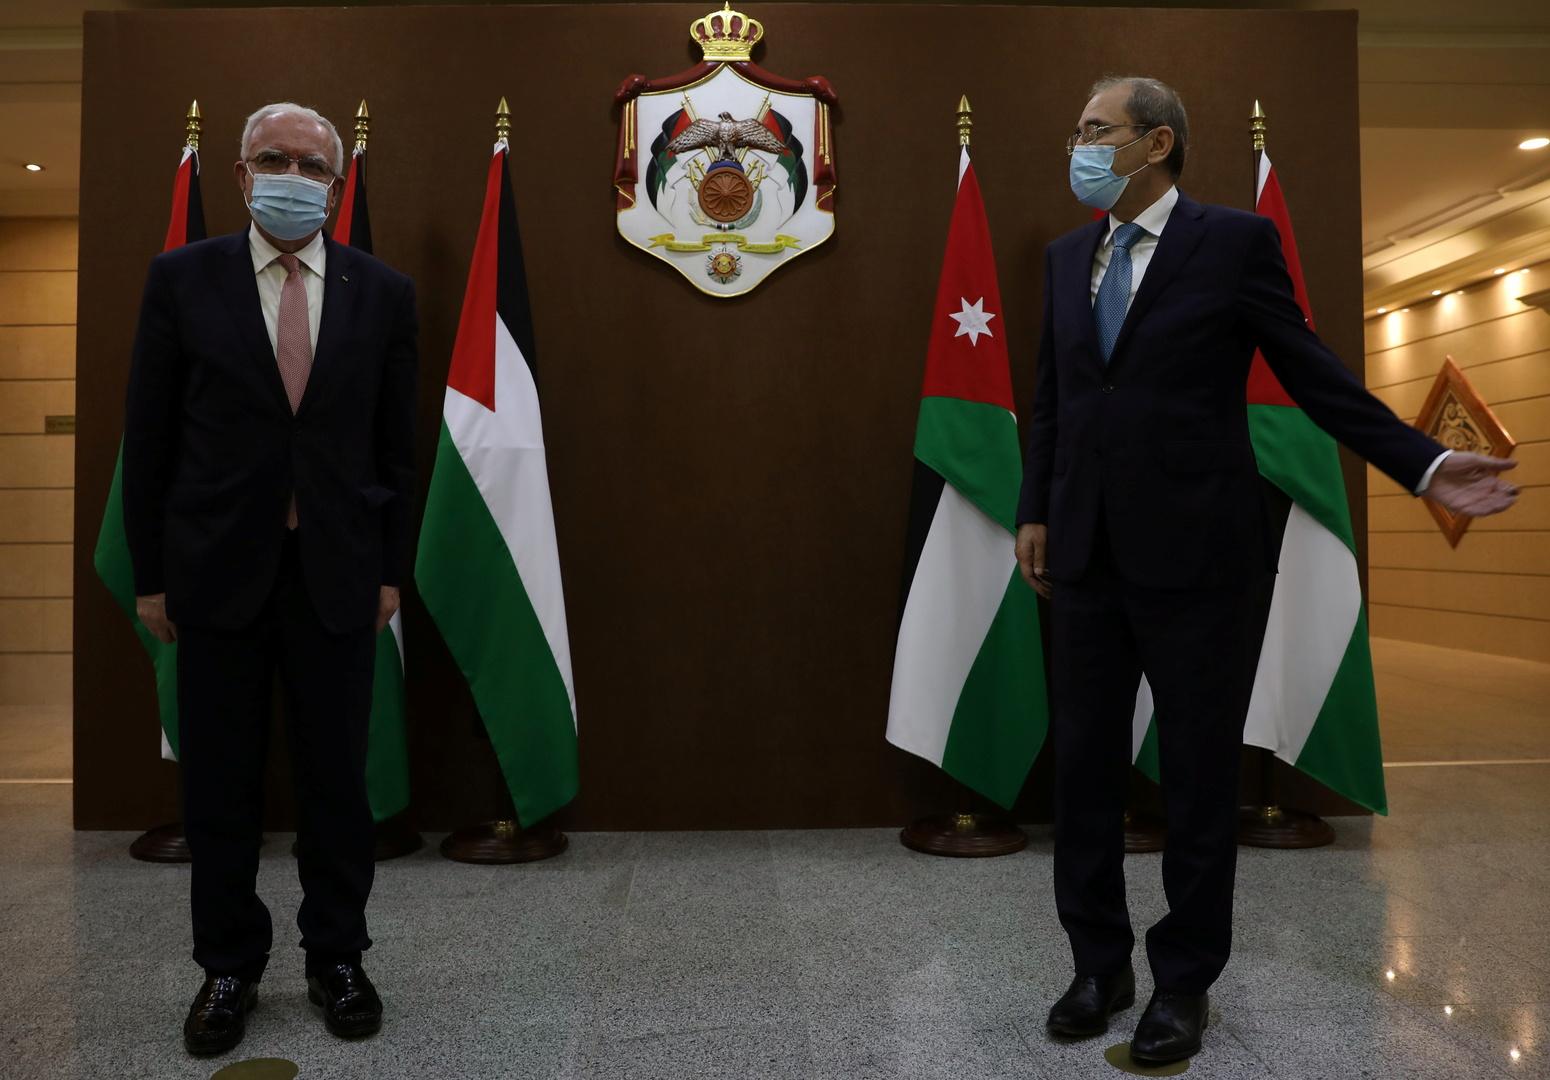 وزير الخارجية الأردني أيمن الصفدي يلتقي بنظيره الفلسطيني رياض المالكي في عمان